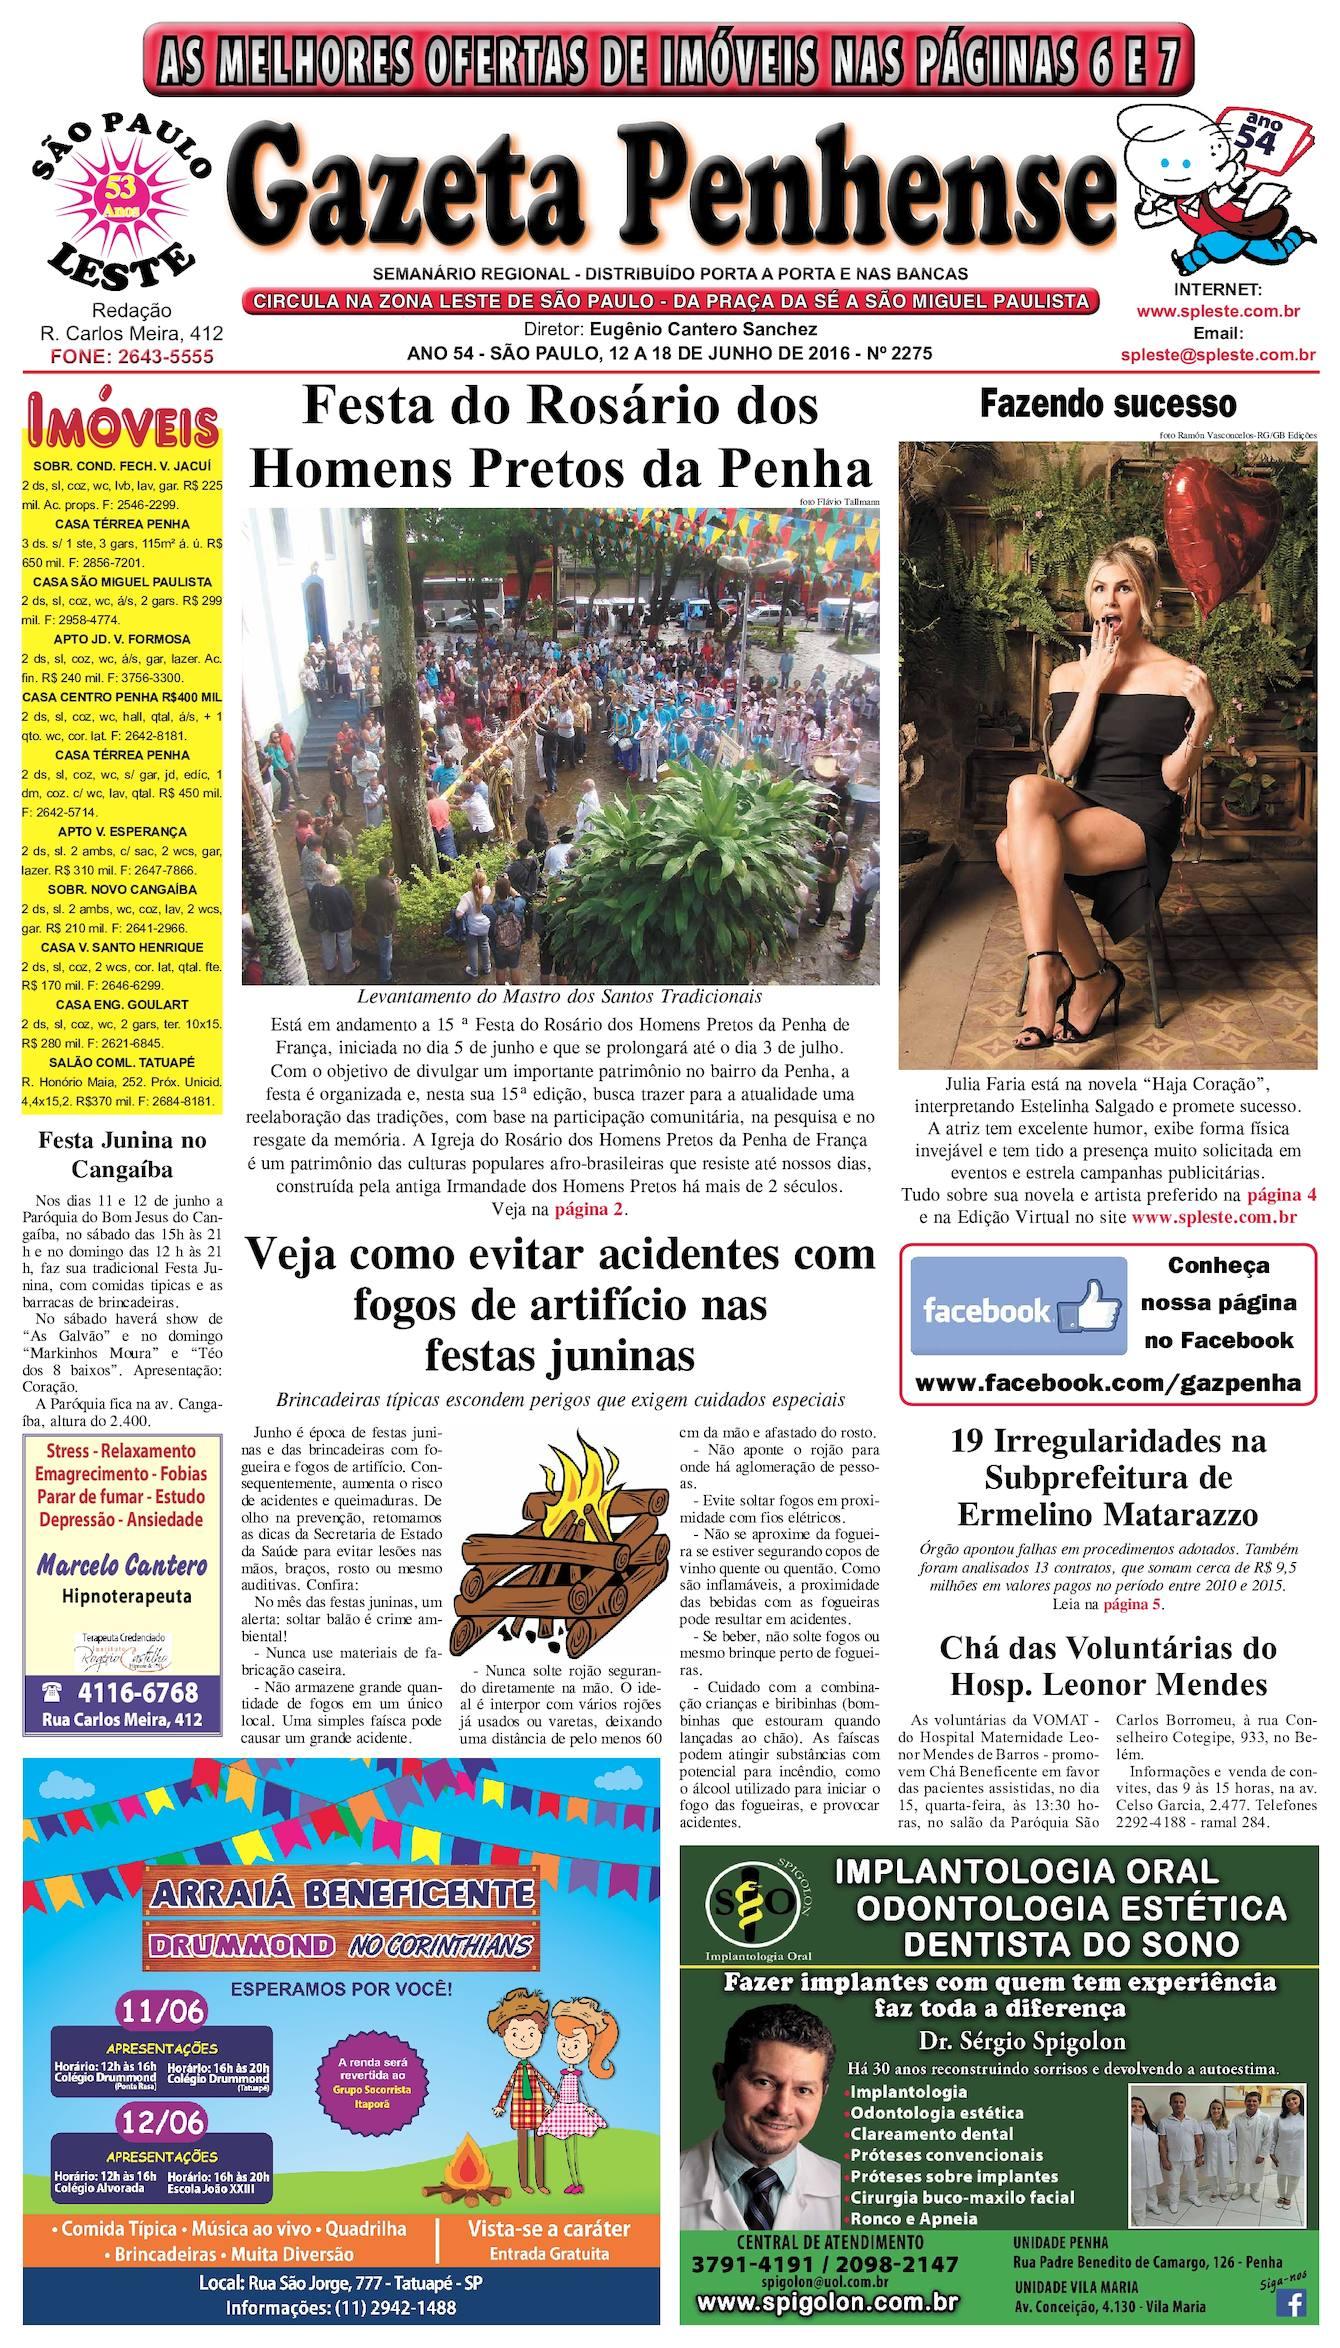 2abb6e8925 Calaméo - Gazeta Penhense - edição 2275 - 12 a 18.06.16